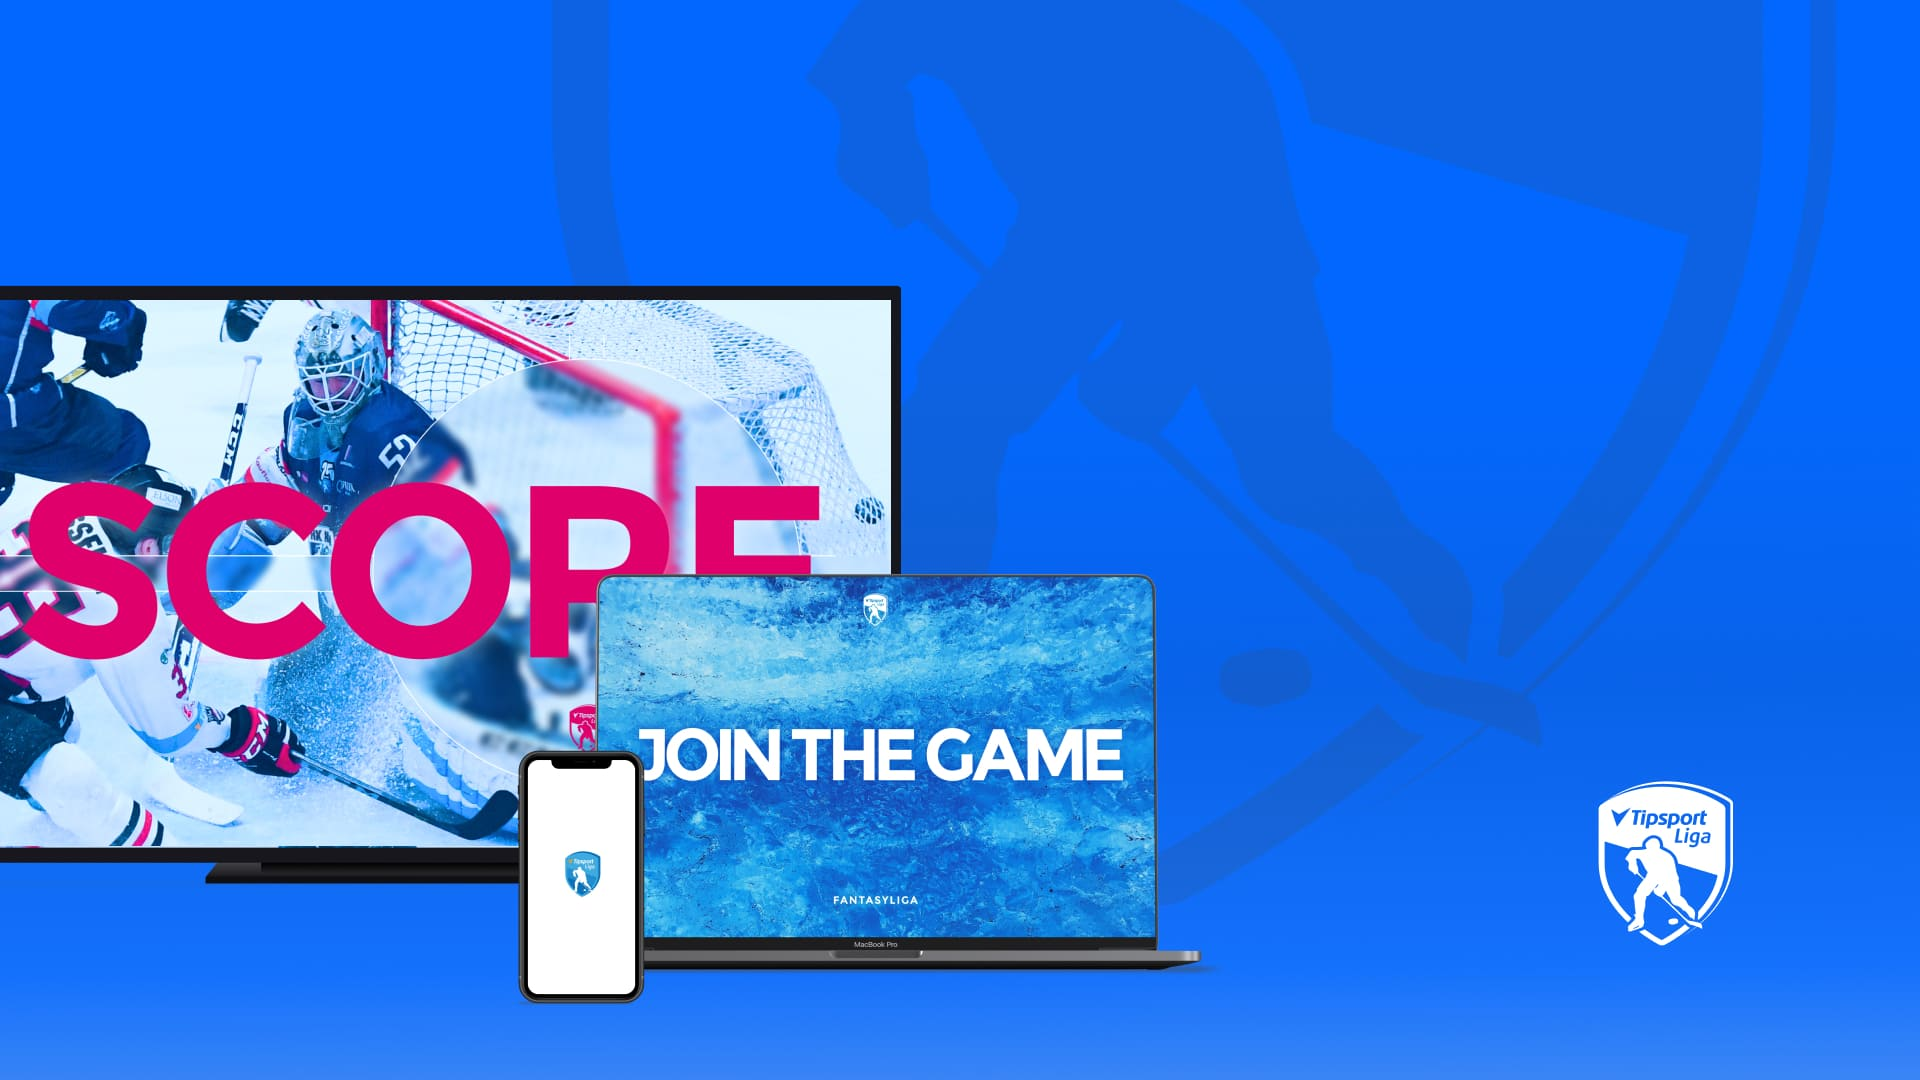 Tipos extraliga, fantasy liga mobile application | mobilná aplikácia